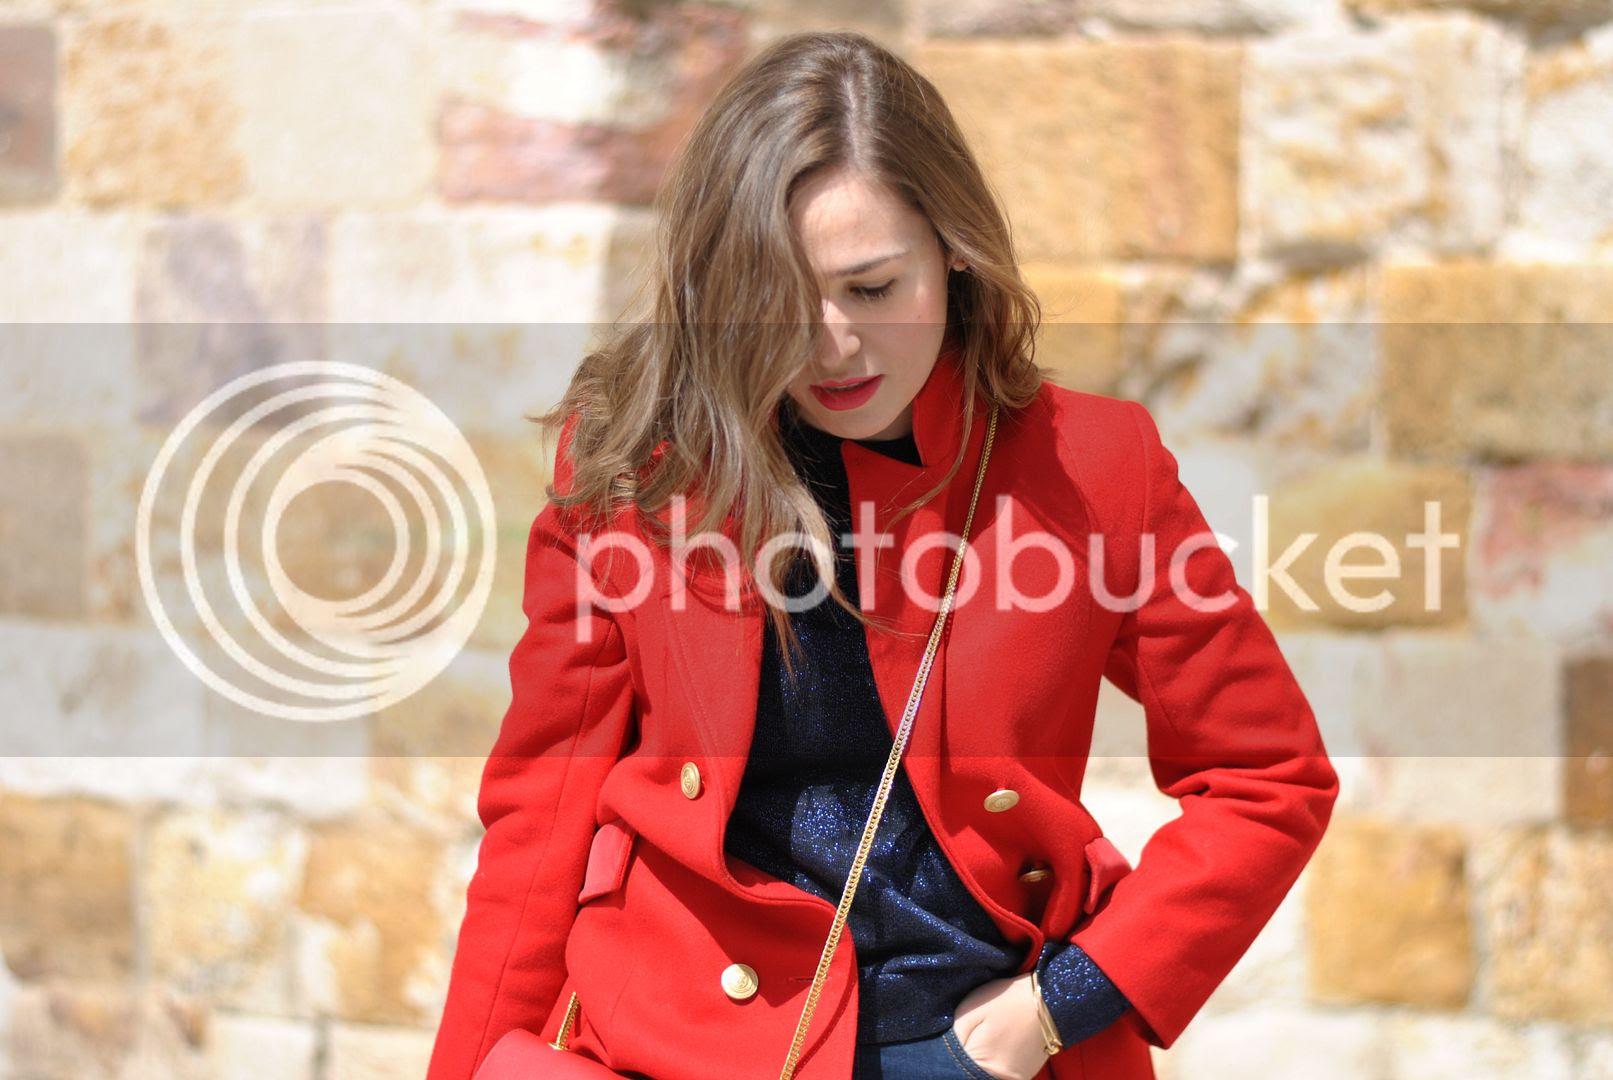 My favorite red coat